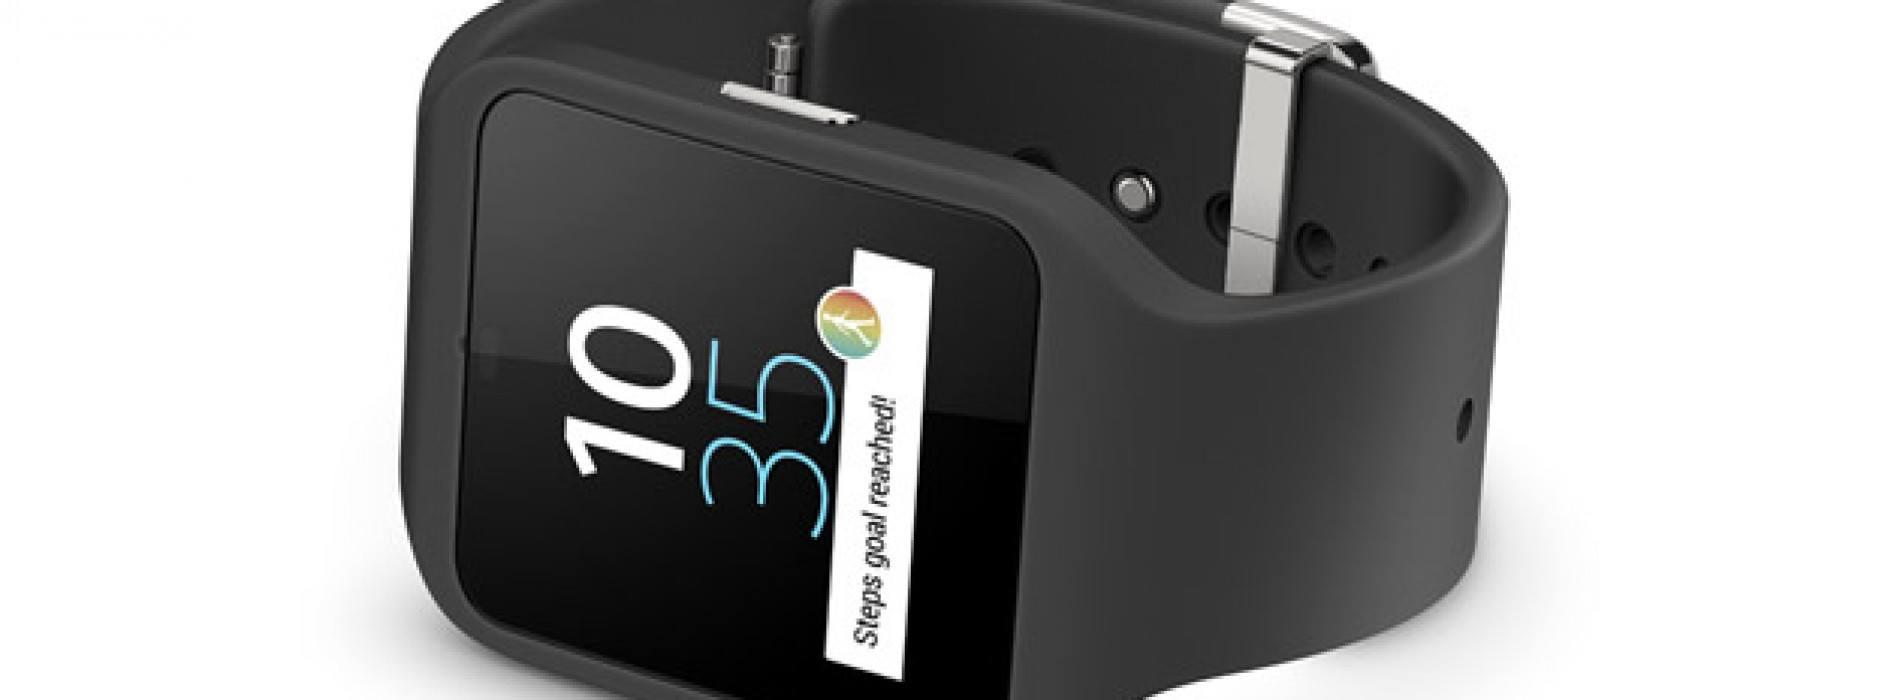 El nuevo smartwatch de Sony, Smartwatch 3